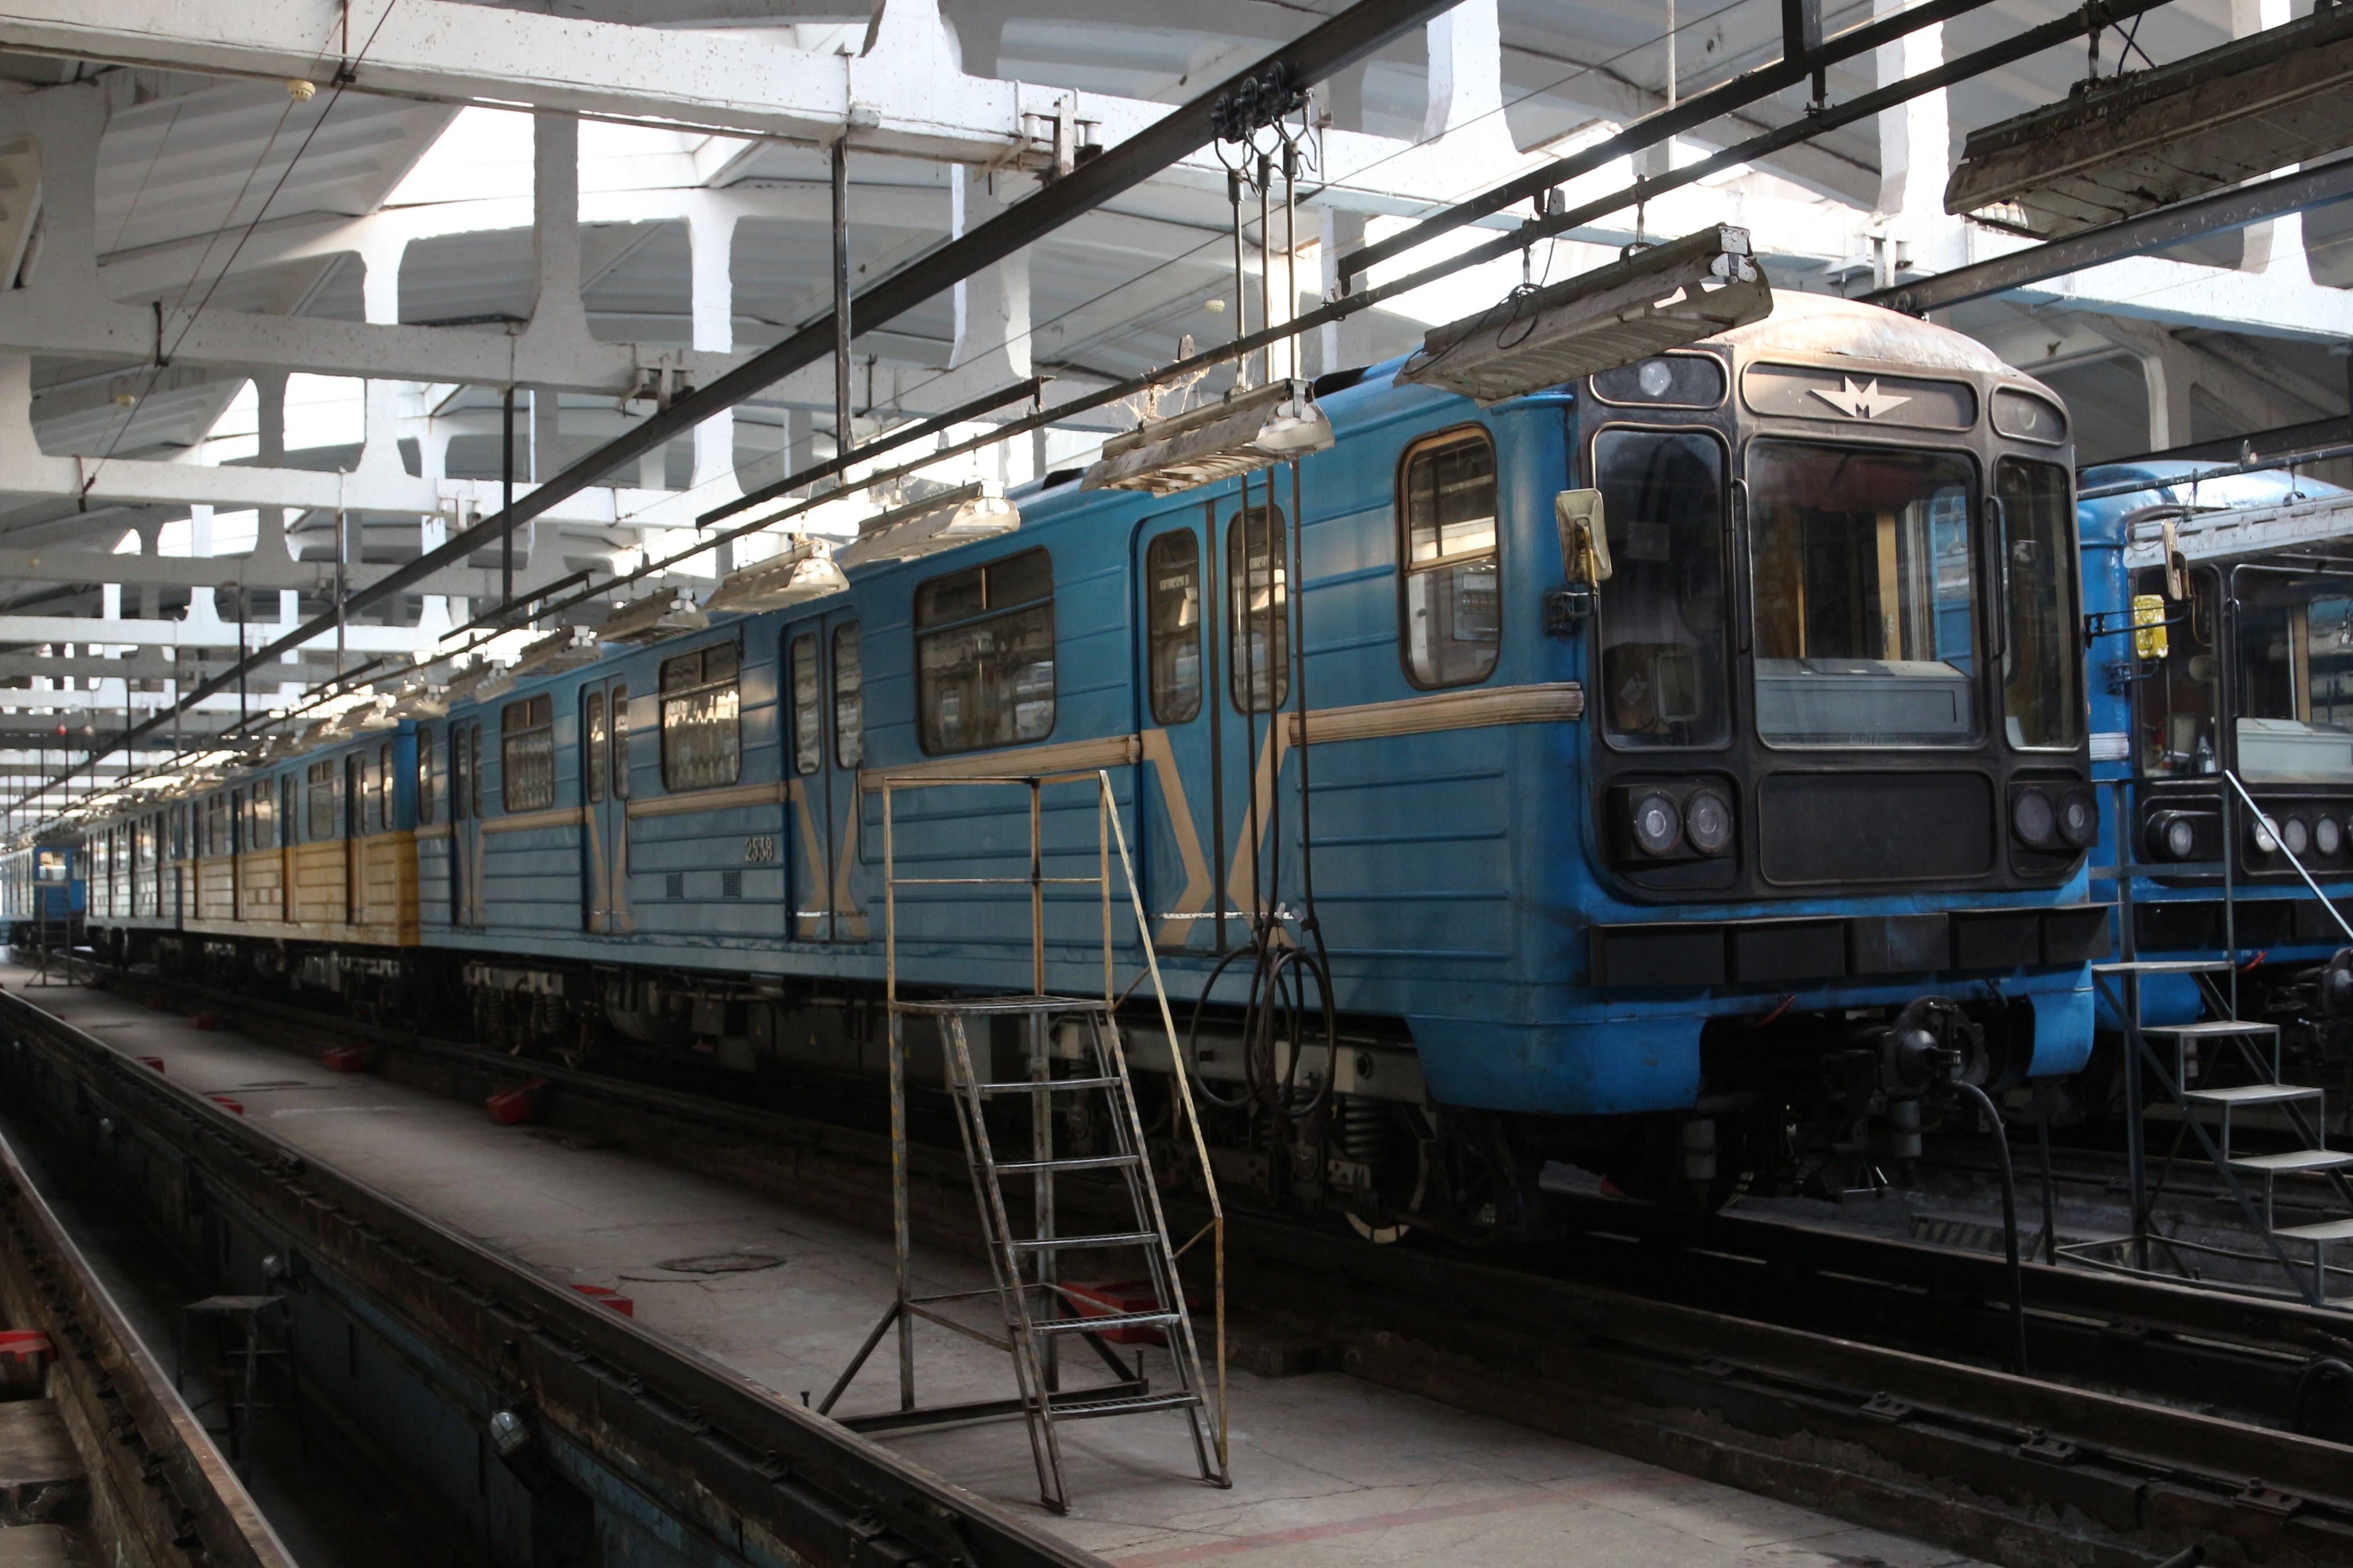 В Днепре рассказали о ремонте вагонов метро. Новости Днепра